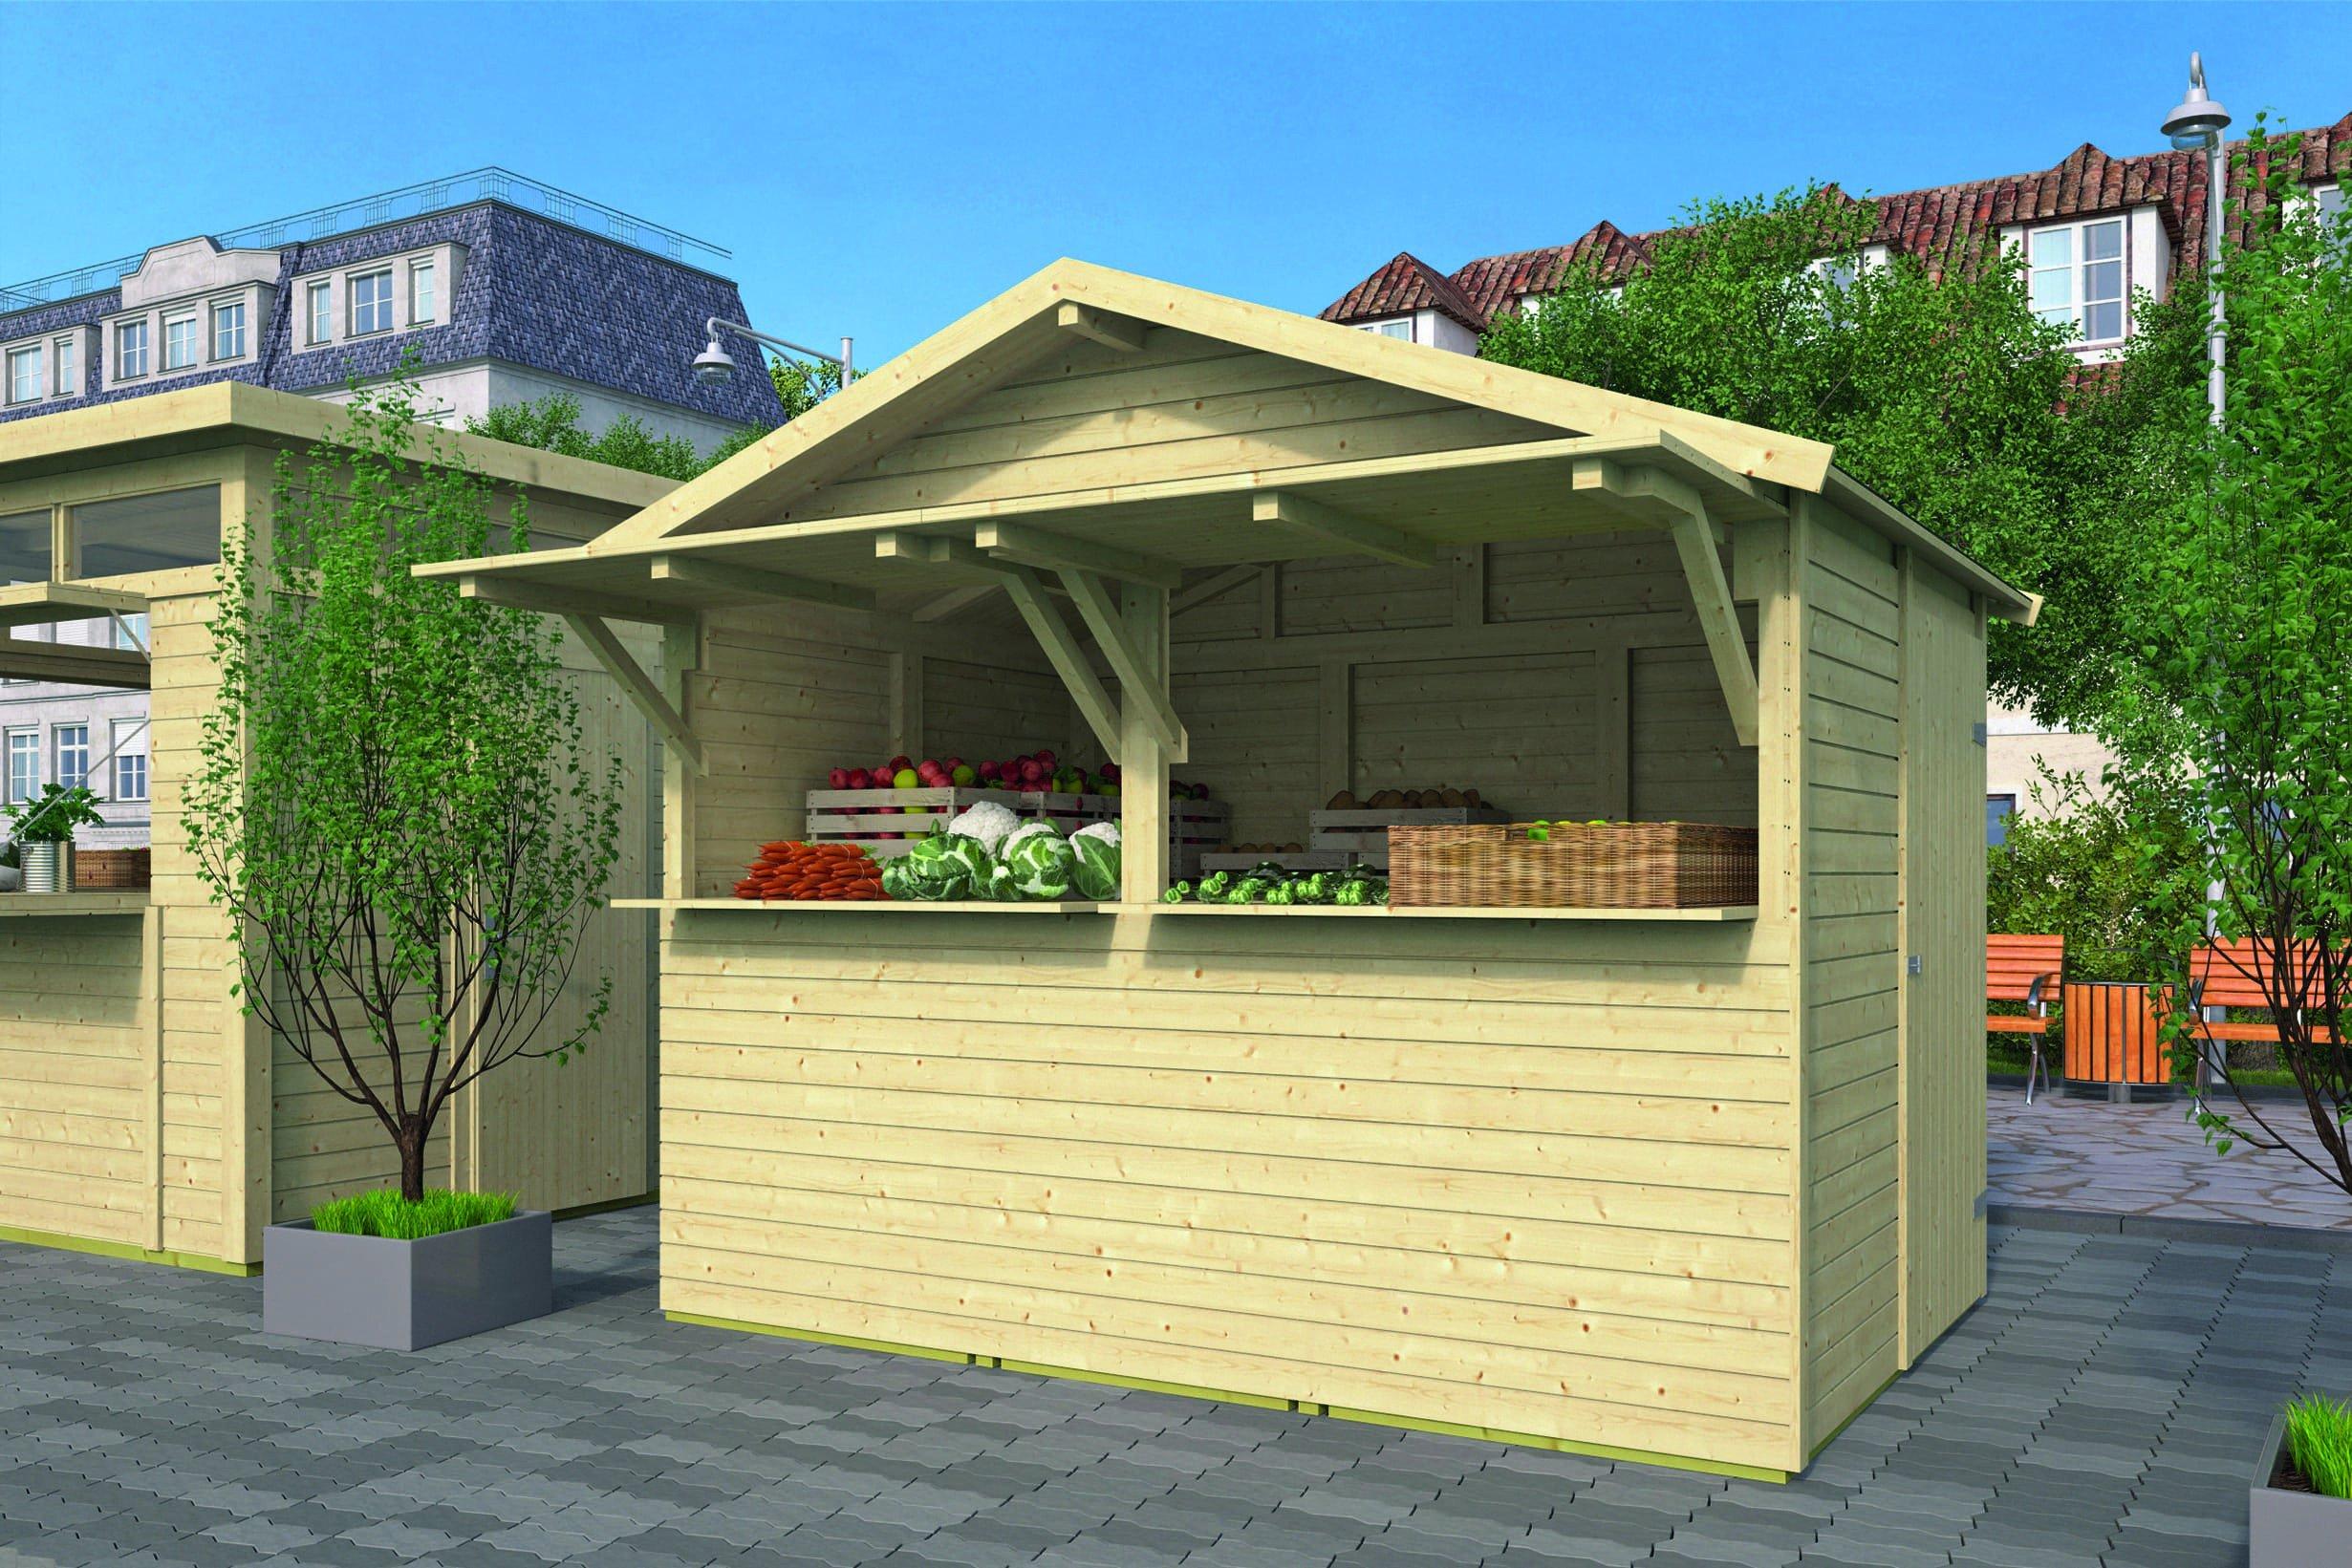 Houten Kiosk 300 x 200 x 251 cm. Type: standaard